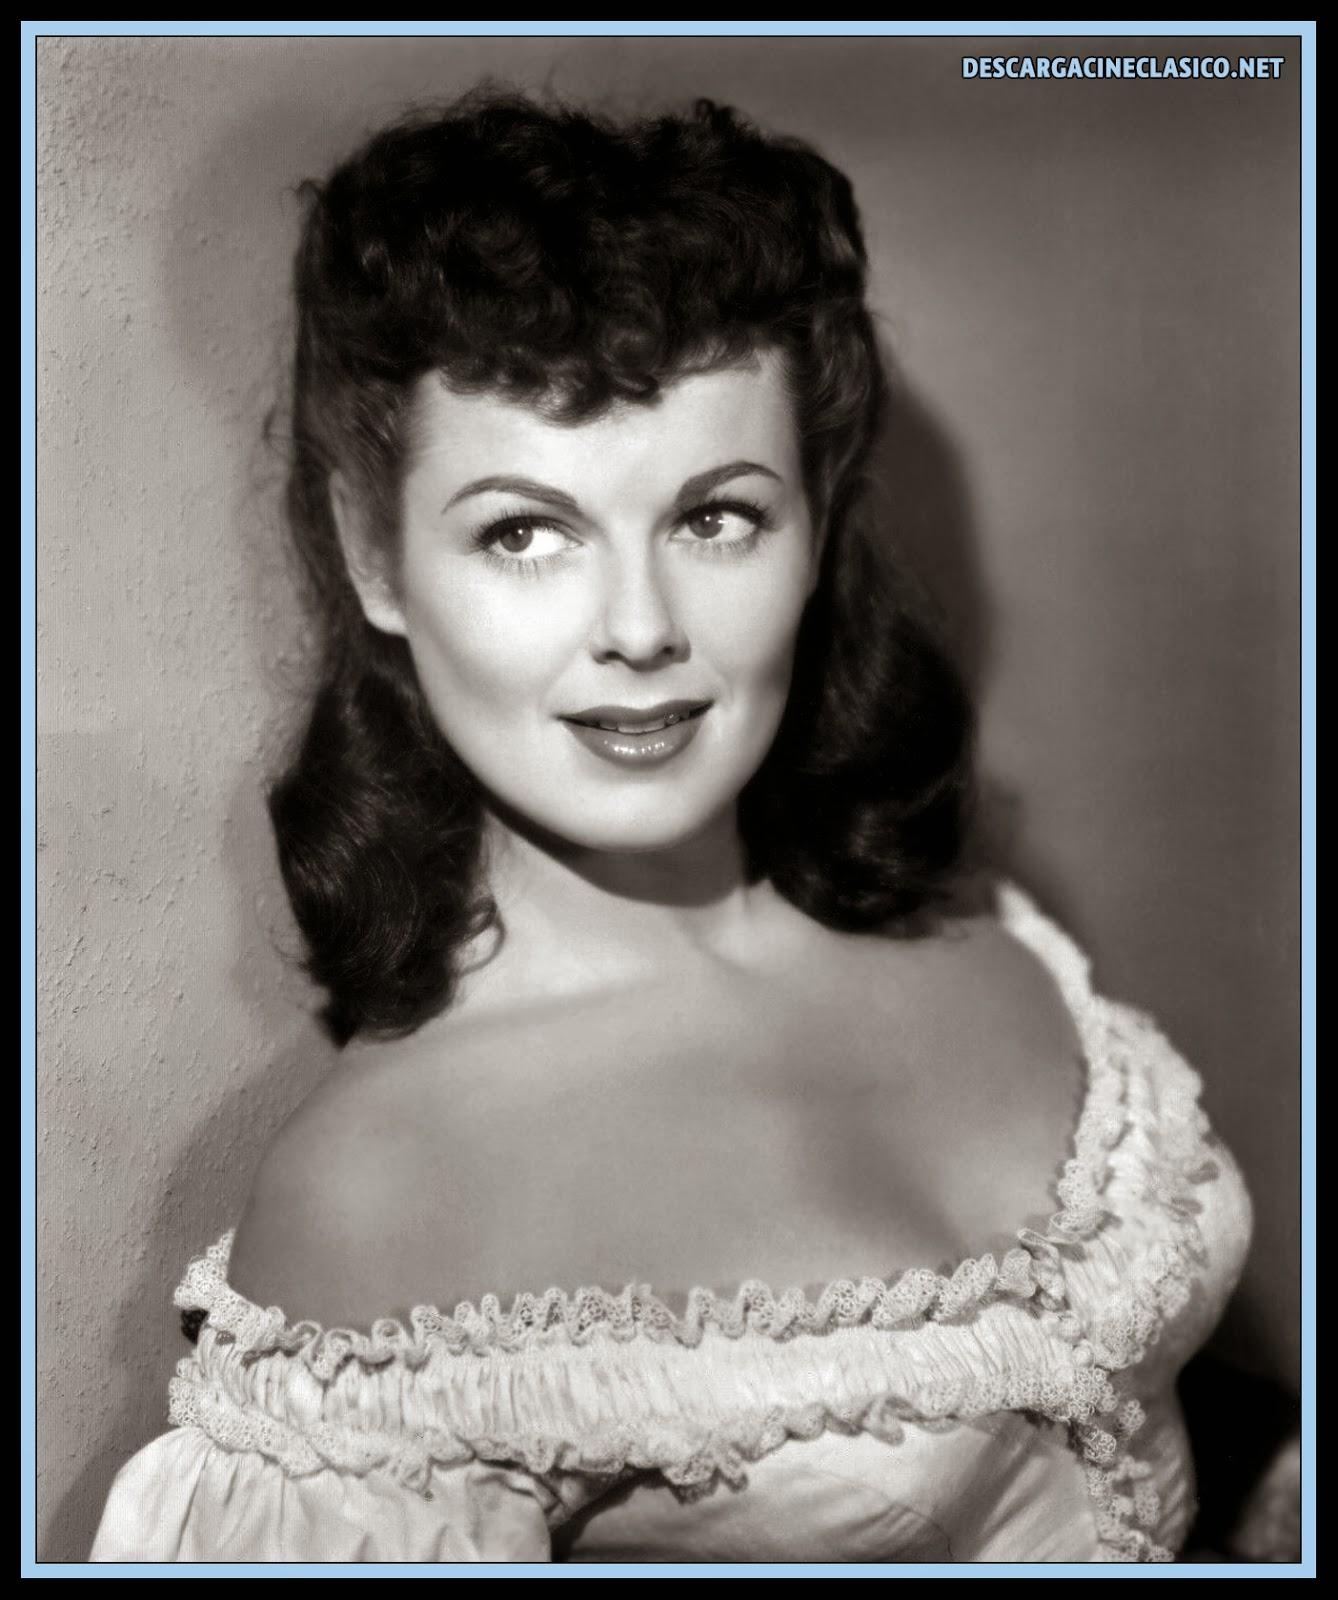 Barbara Hale - Actriz